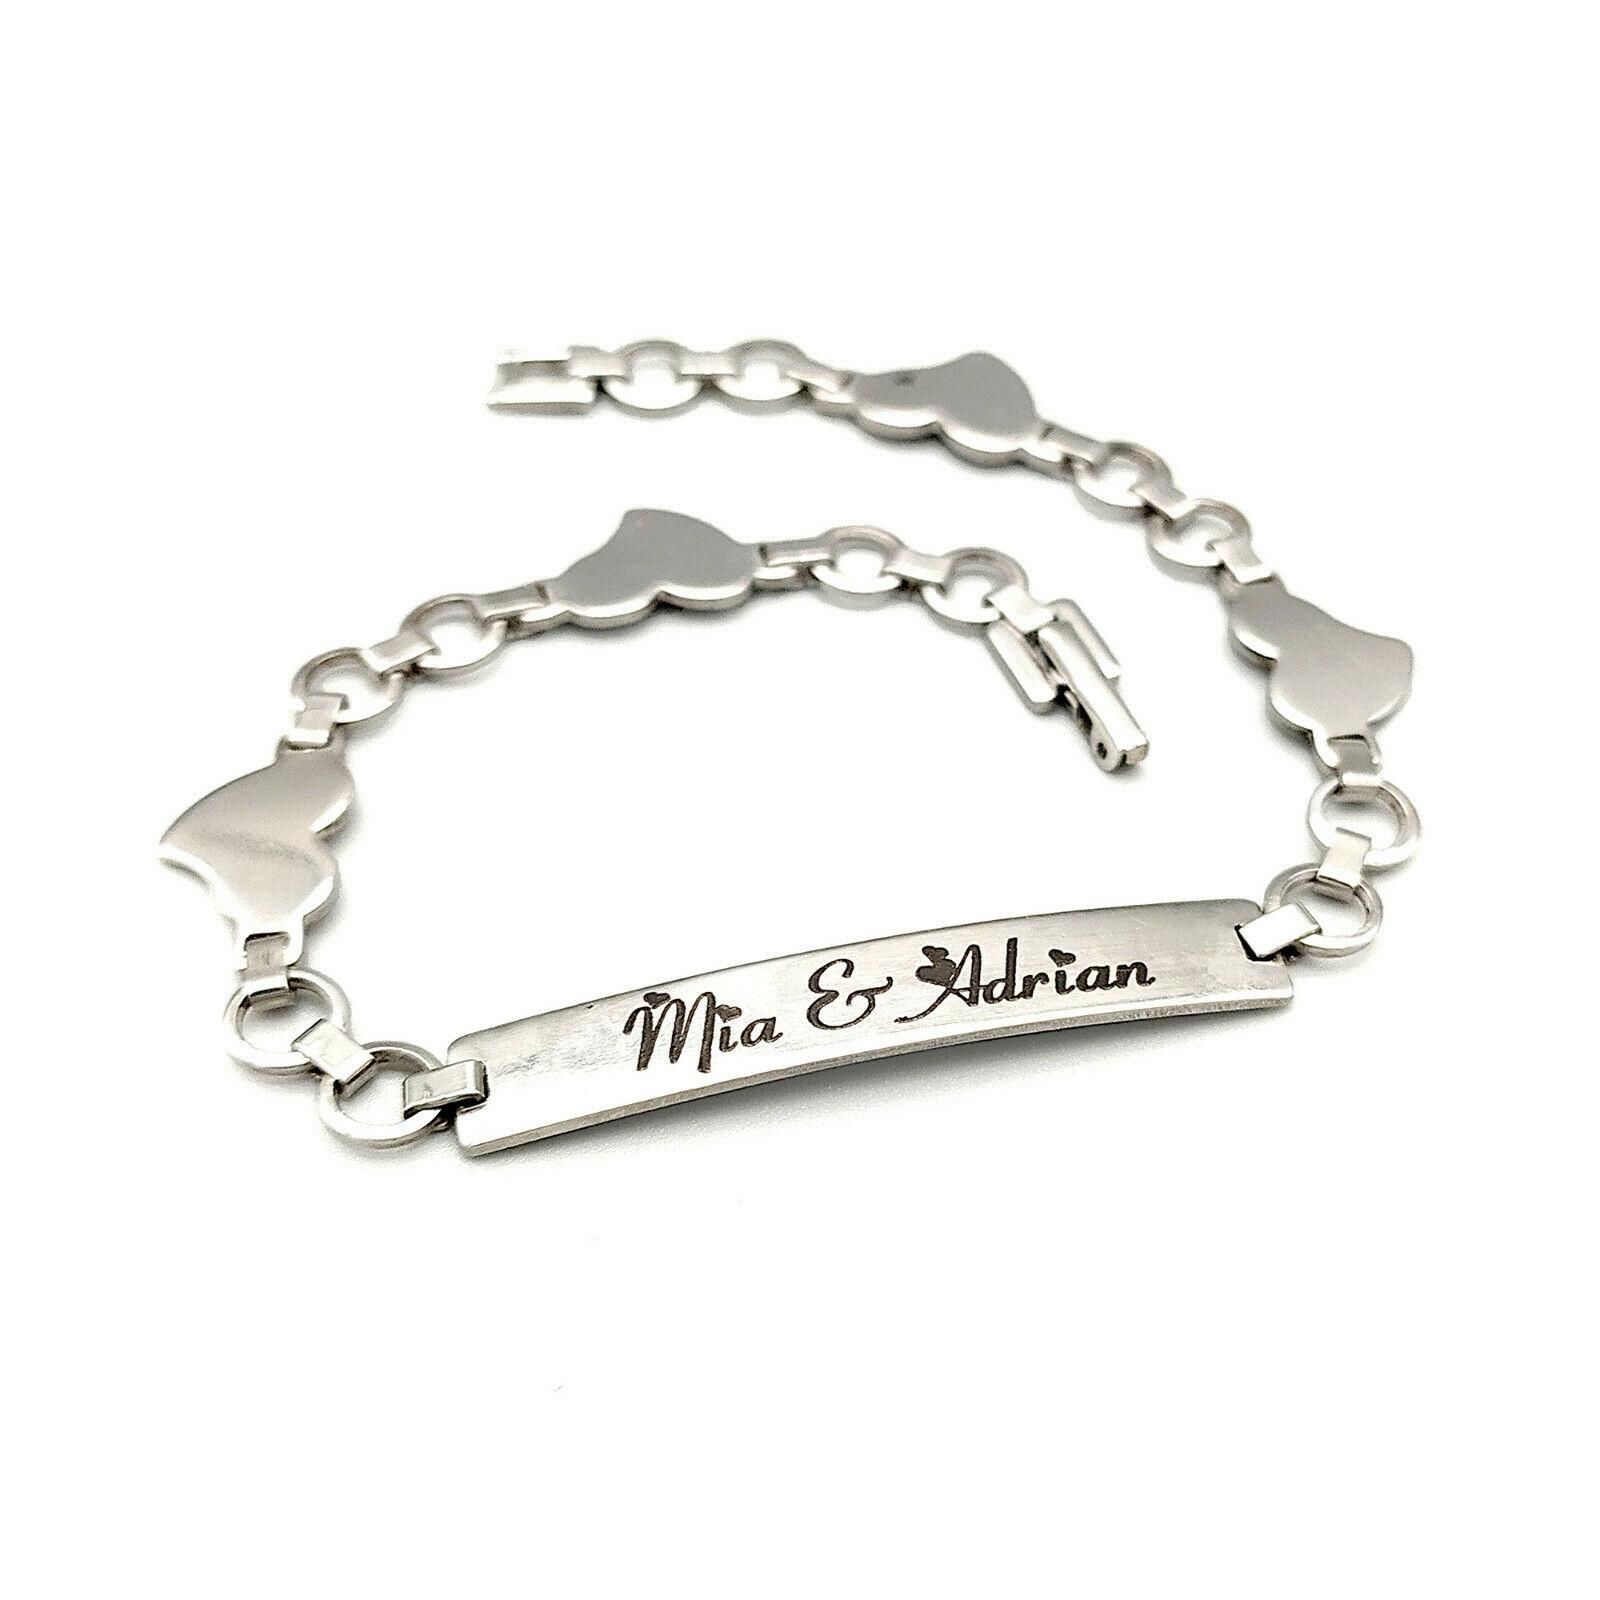 Damen Armband mit persönlicher Wunschbeschriftung - Damenarmband - Gravur